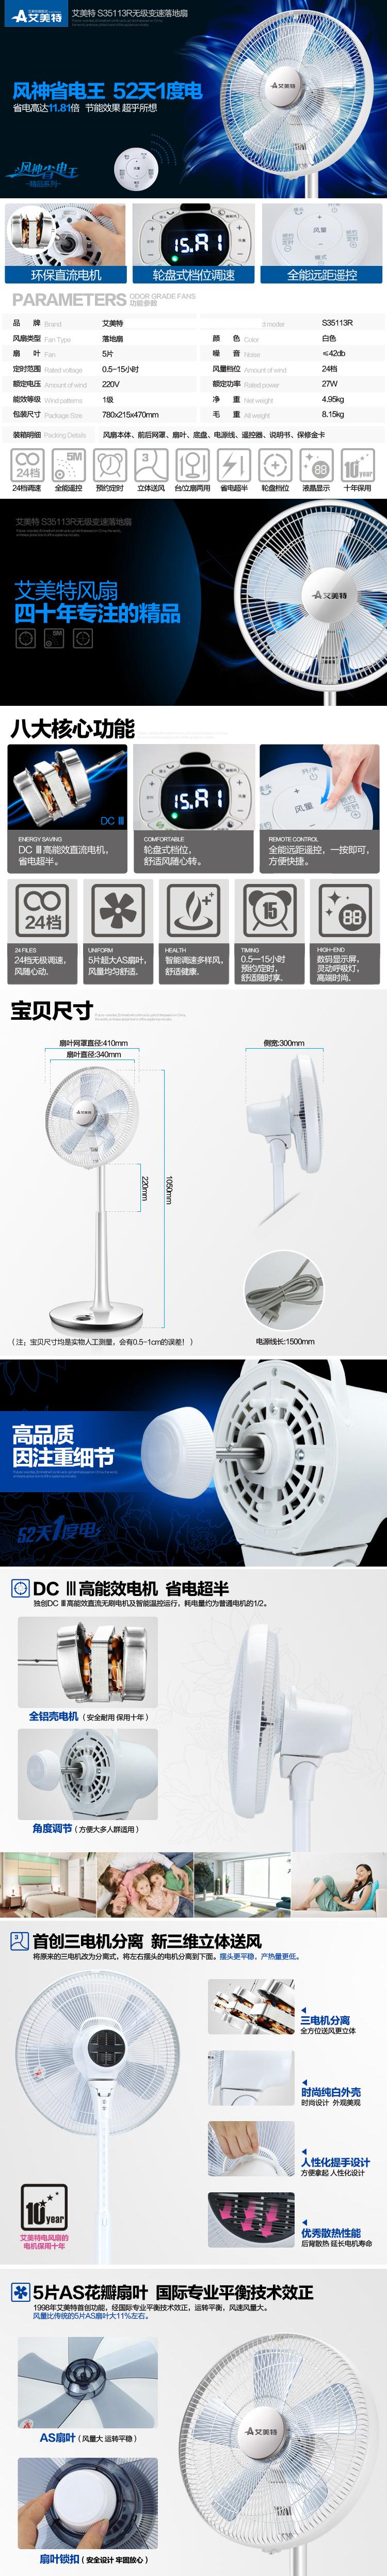 艾美特airmate电器直流遥控智能定时电风扇s35113r